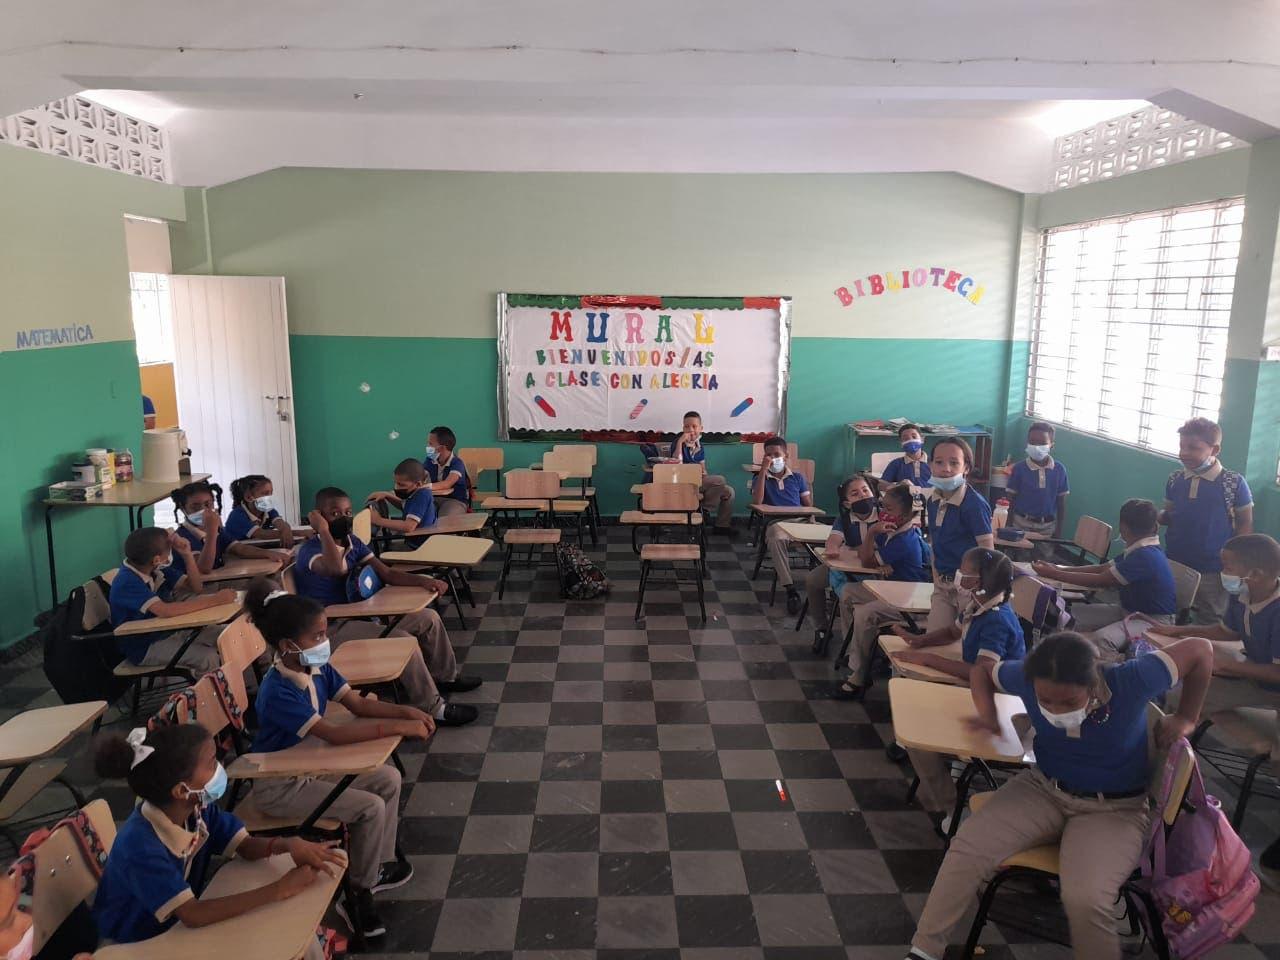 Fotos y videos: Así inició el año escolar en algunas escuelas